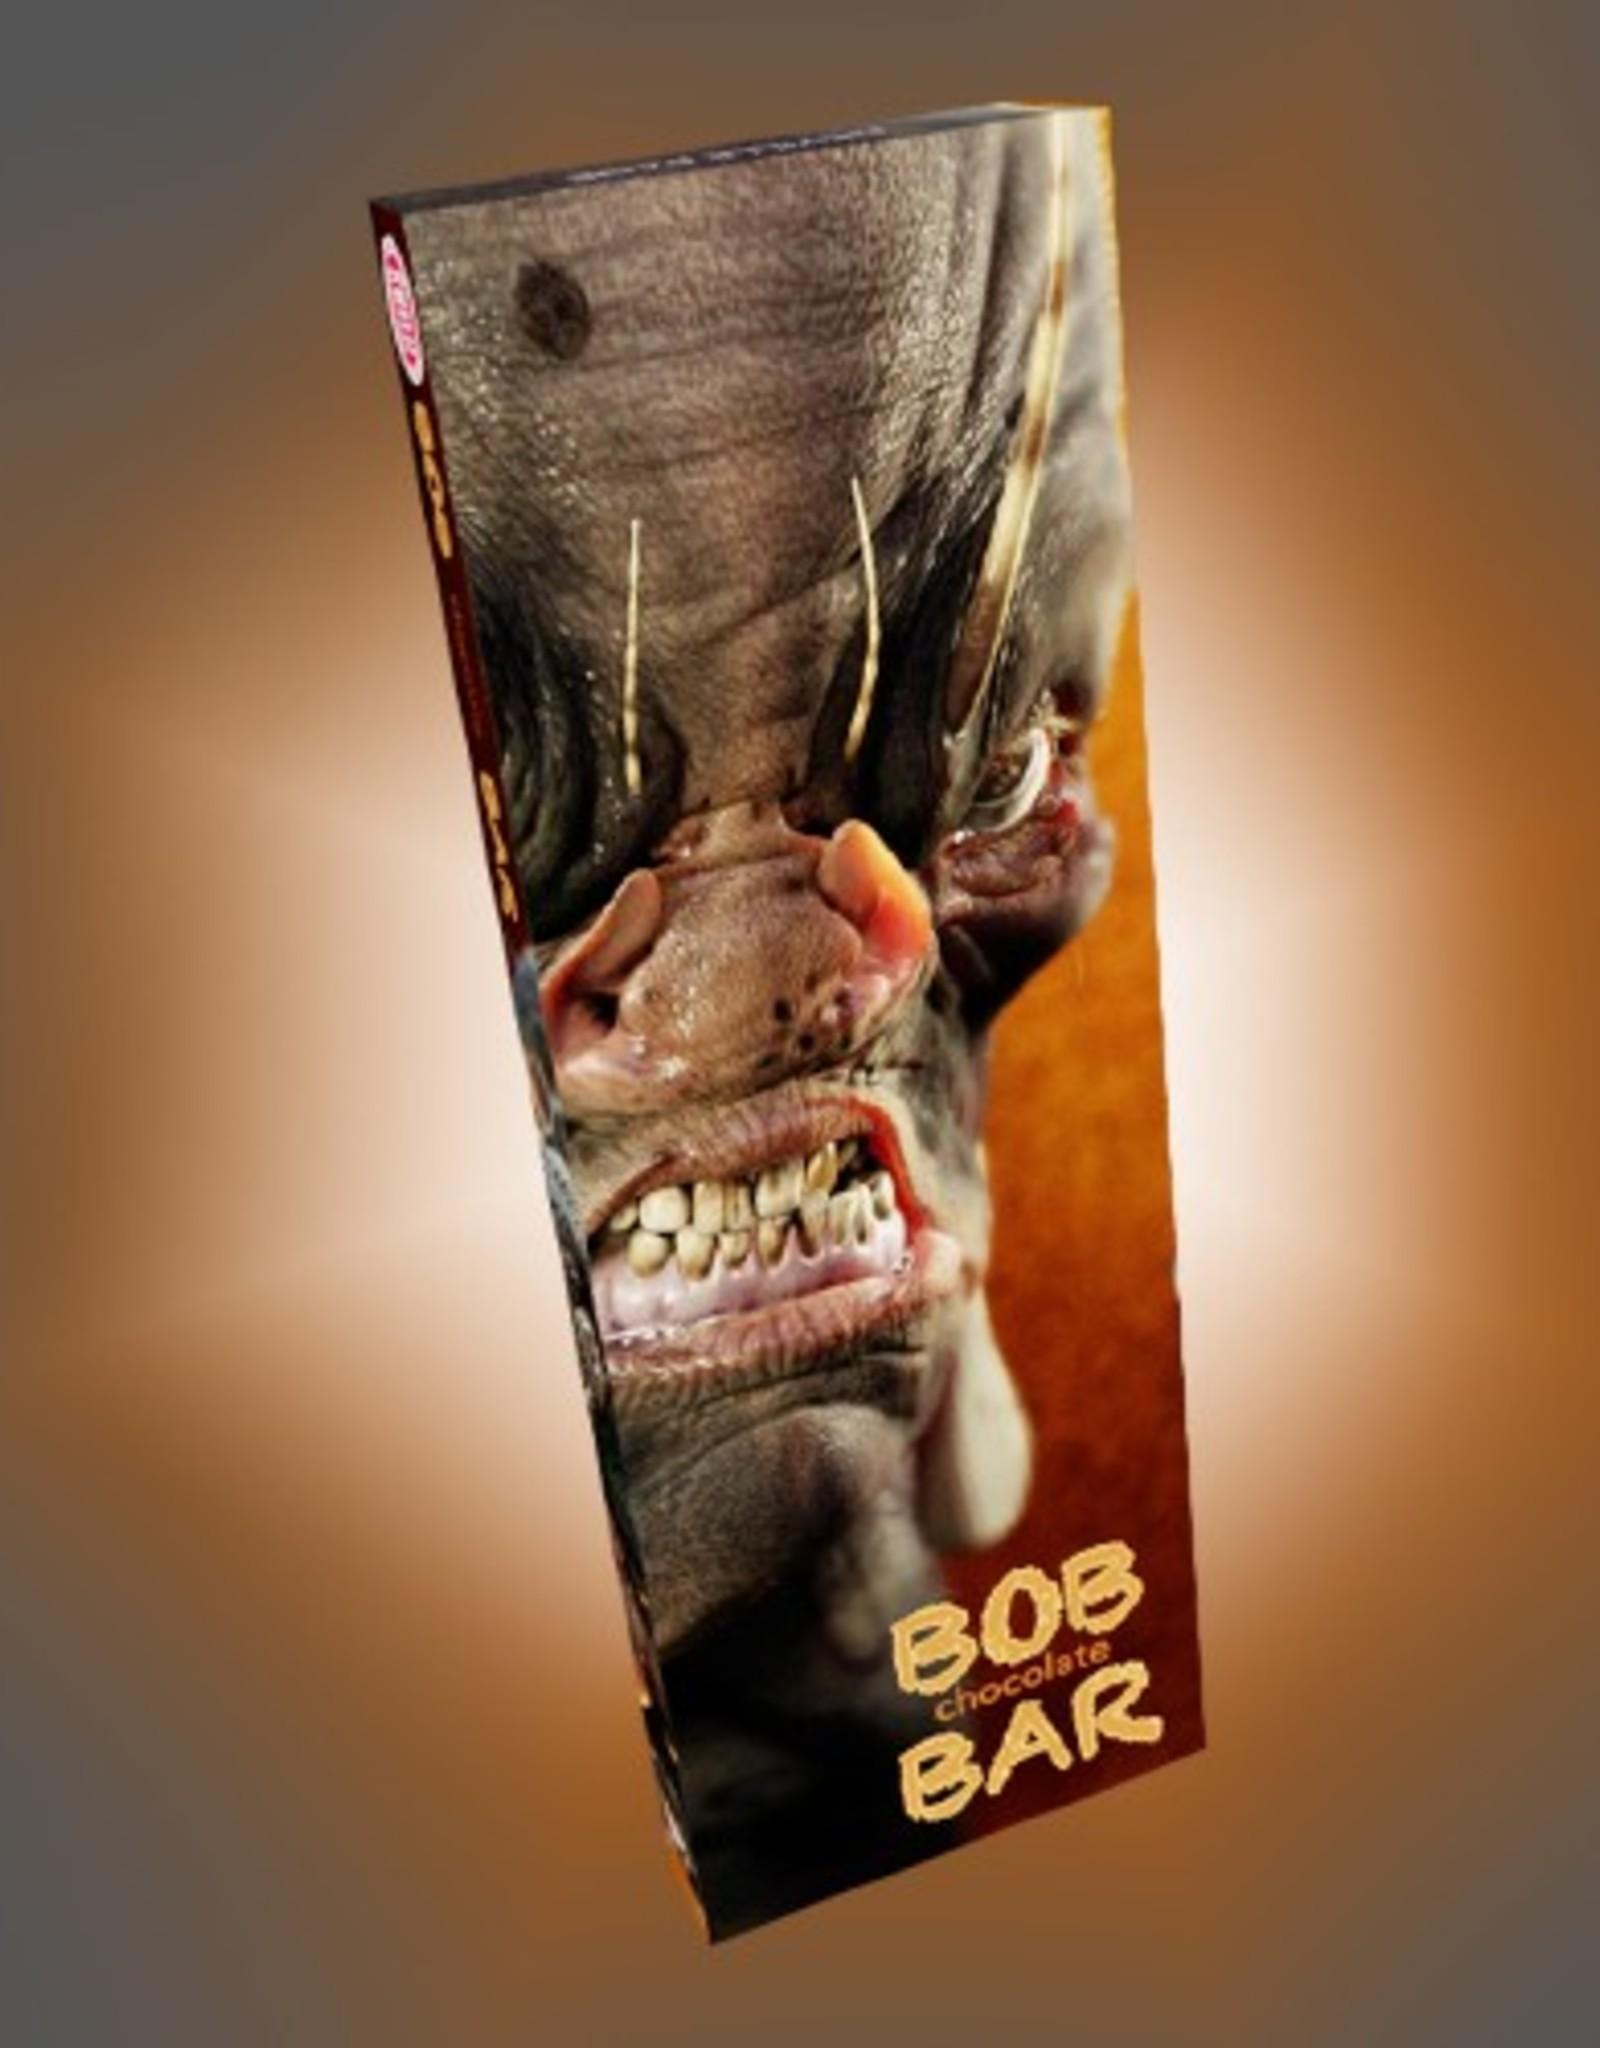 Bob Chocolate Bar - Angry